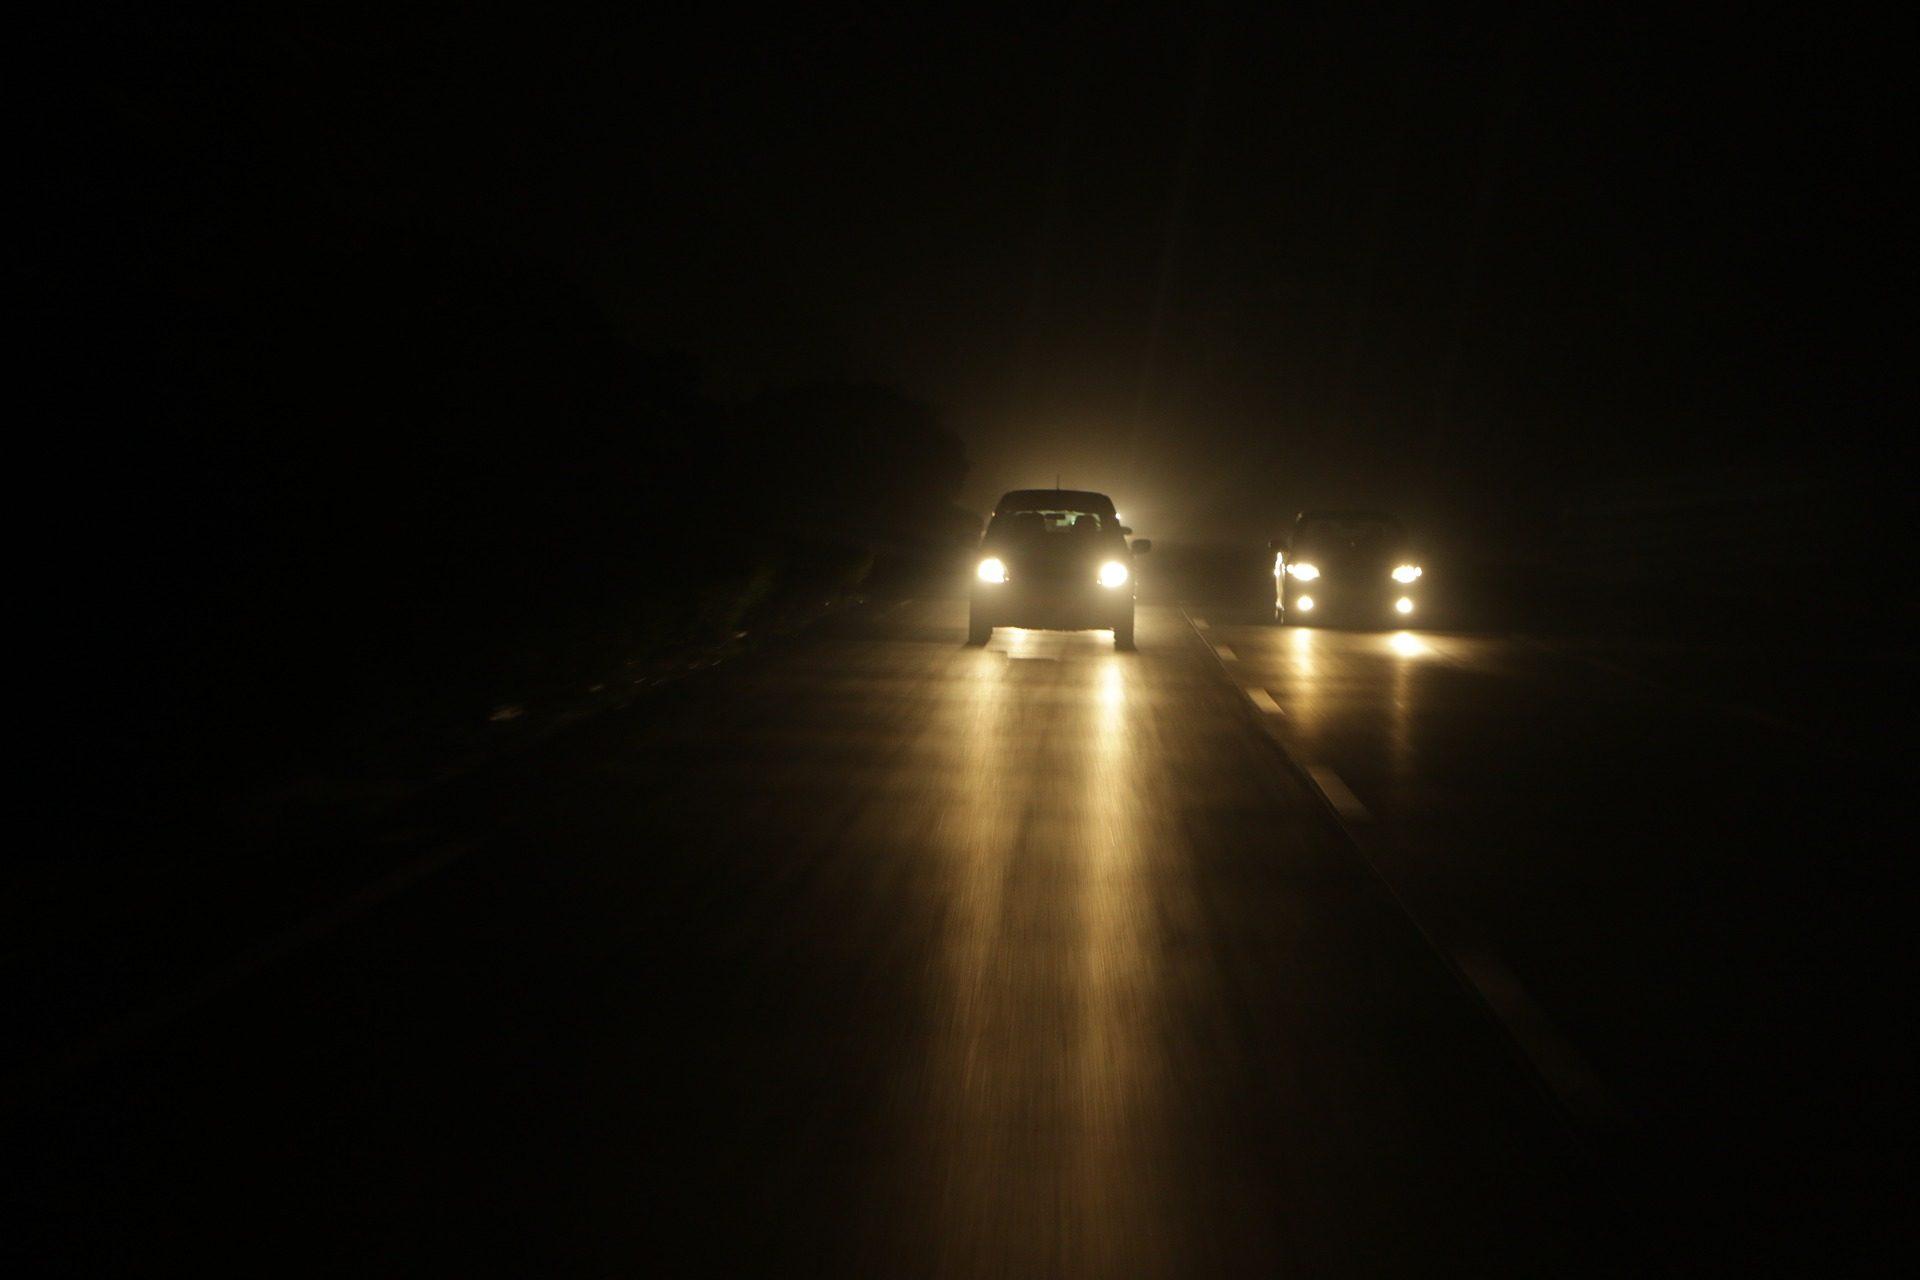 車, 夜, ライト, カルサダ, アスファルト, 暗闇の中 - HD の壁紙 - 教授-falken.com